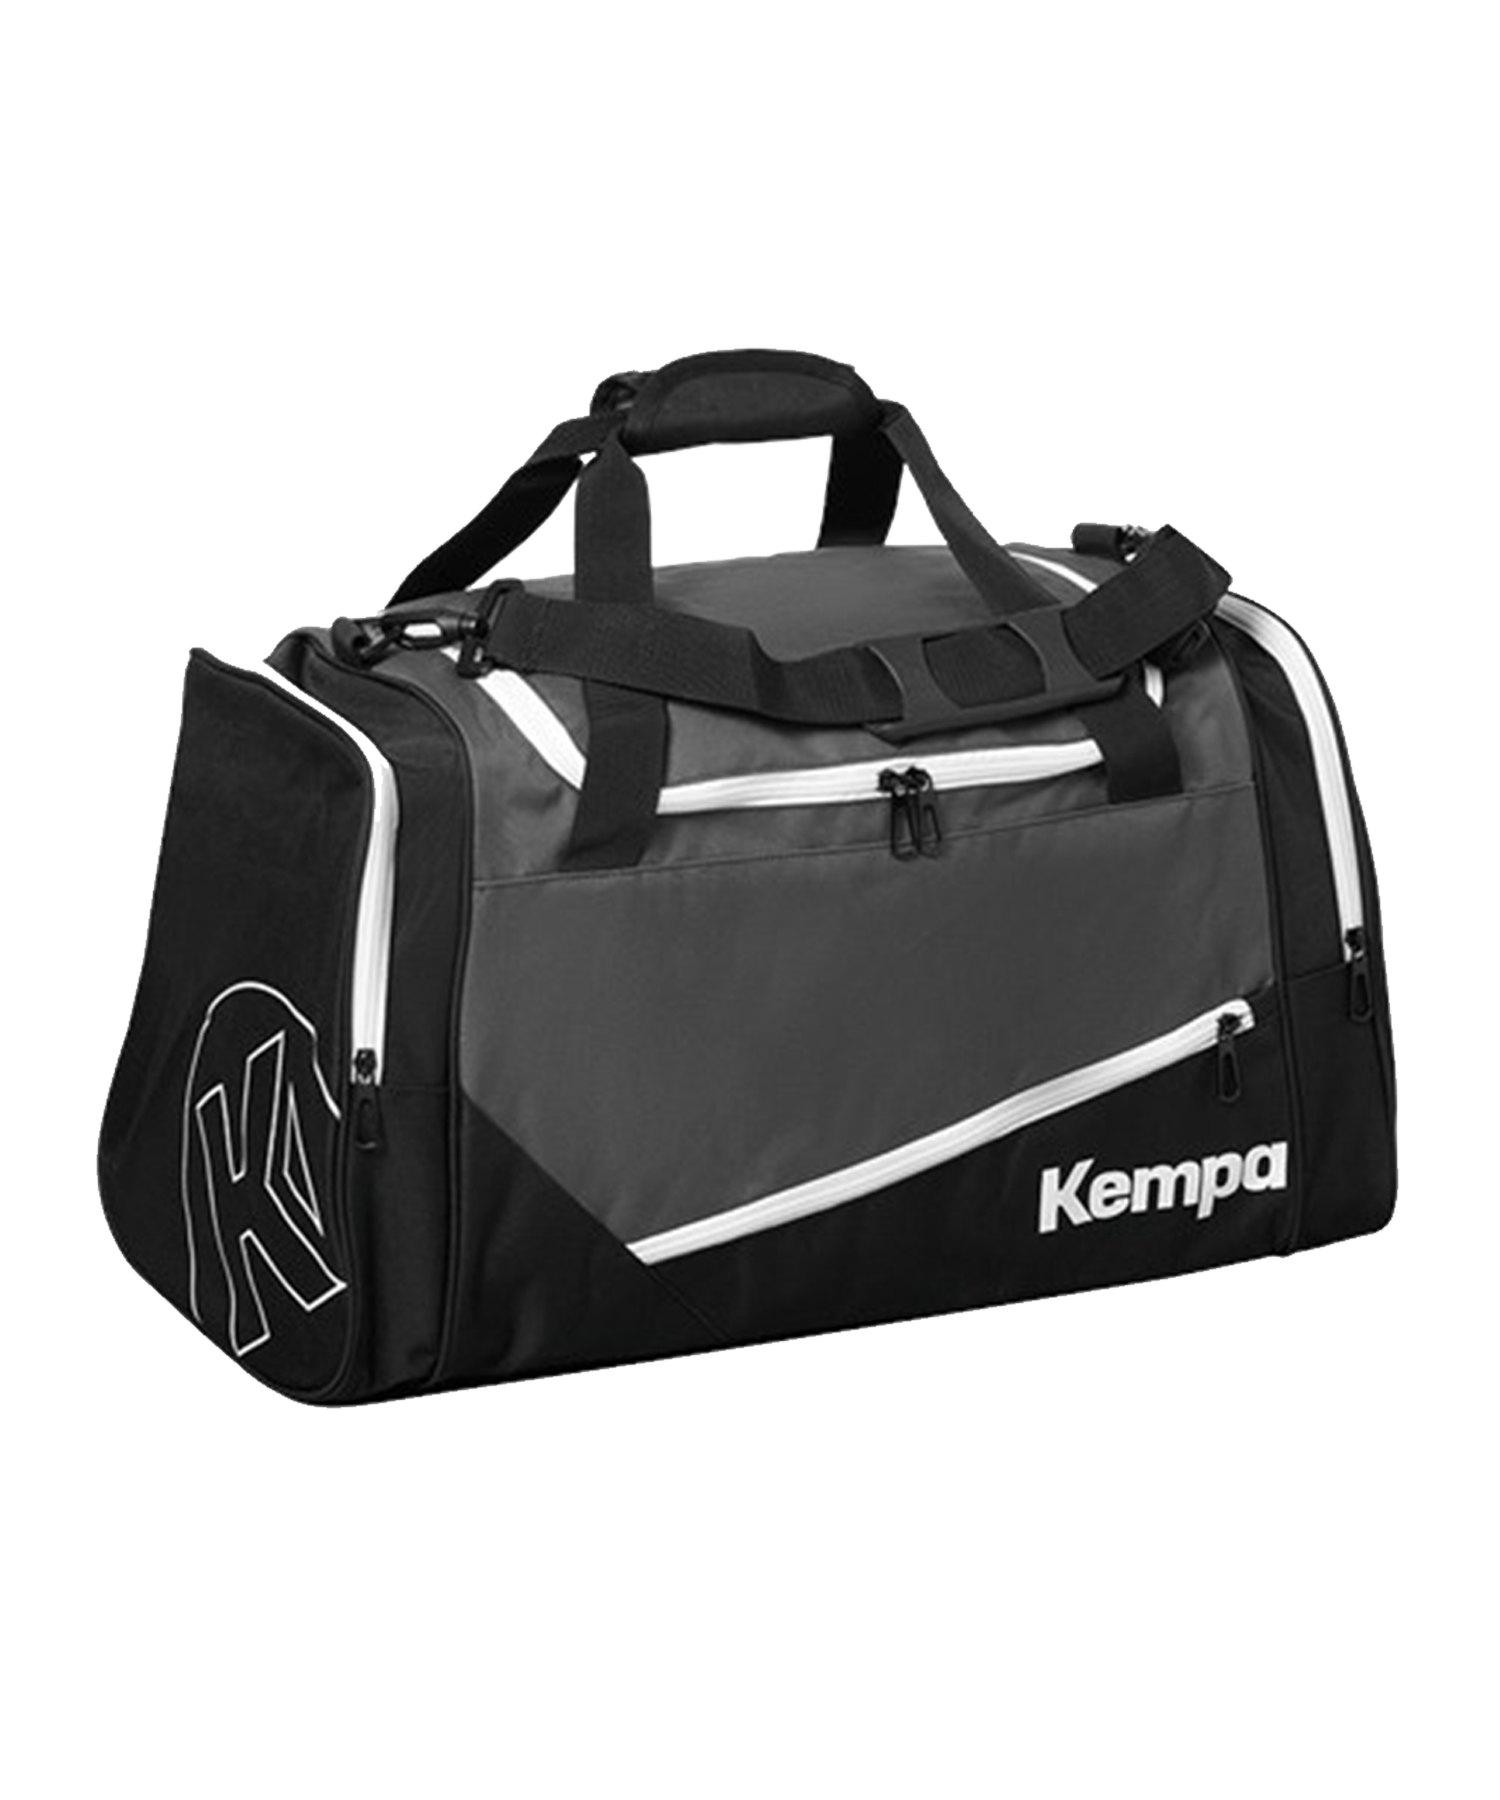 Kempa Sporttasche Größe L Schwarz F01 - schwarz